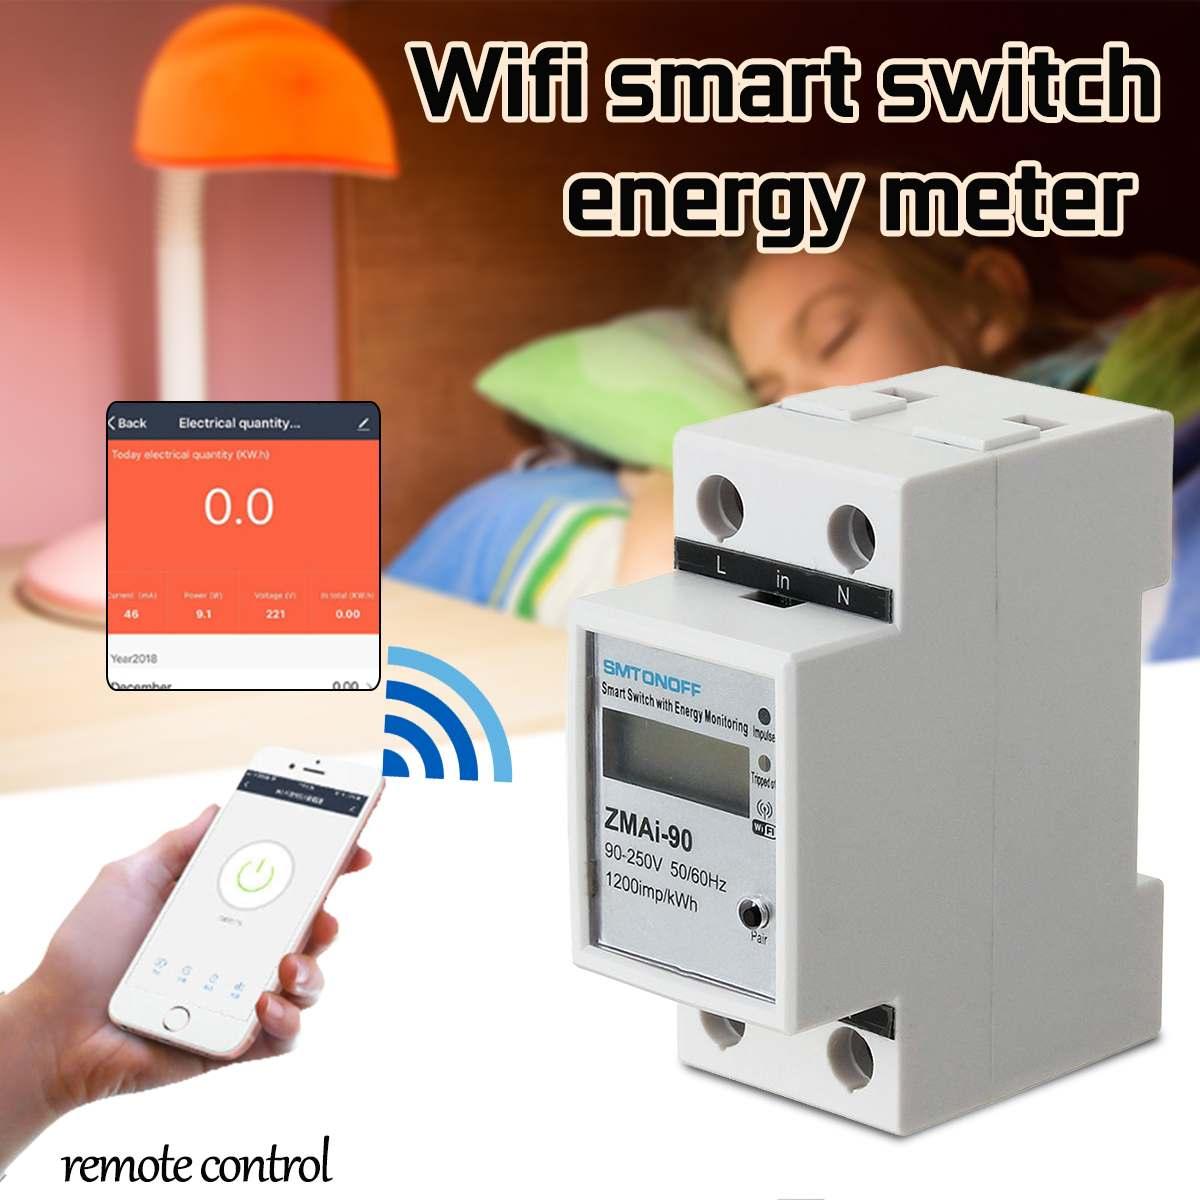 Medidor de energía inteligente kWh de consumo eléctrico Digital medidor de energía WiFi Watt Control de interruptor remoto Monitor 220V Transformadores AC DC 220V a 12V 24 V fuente de alimentación transformadores de alimentación 220V a 12V 24 V fuente de alimentación 12 24 V impermeable al aire libre